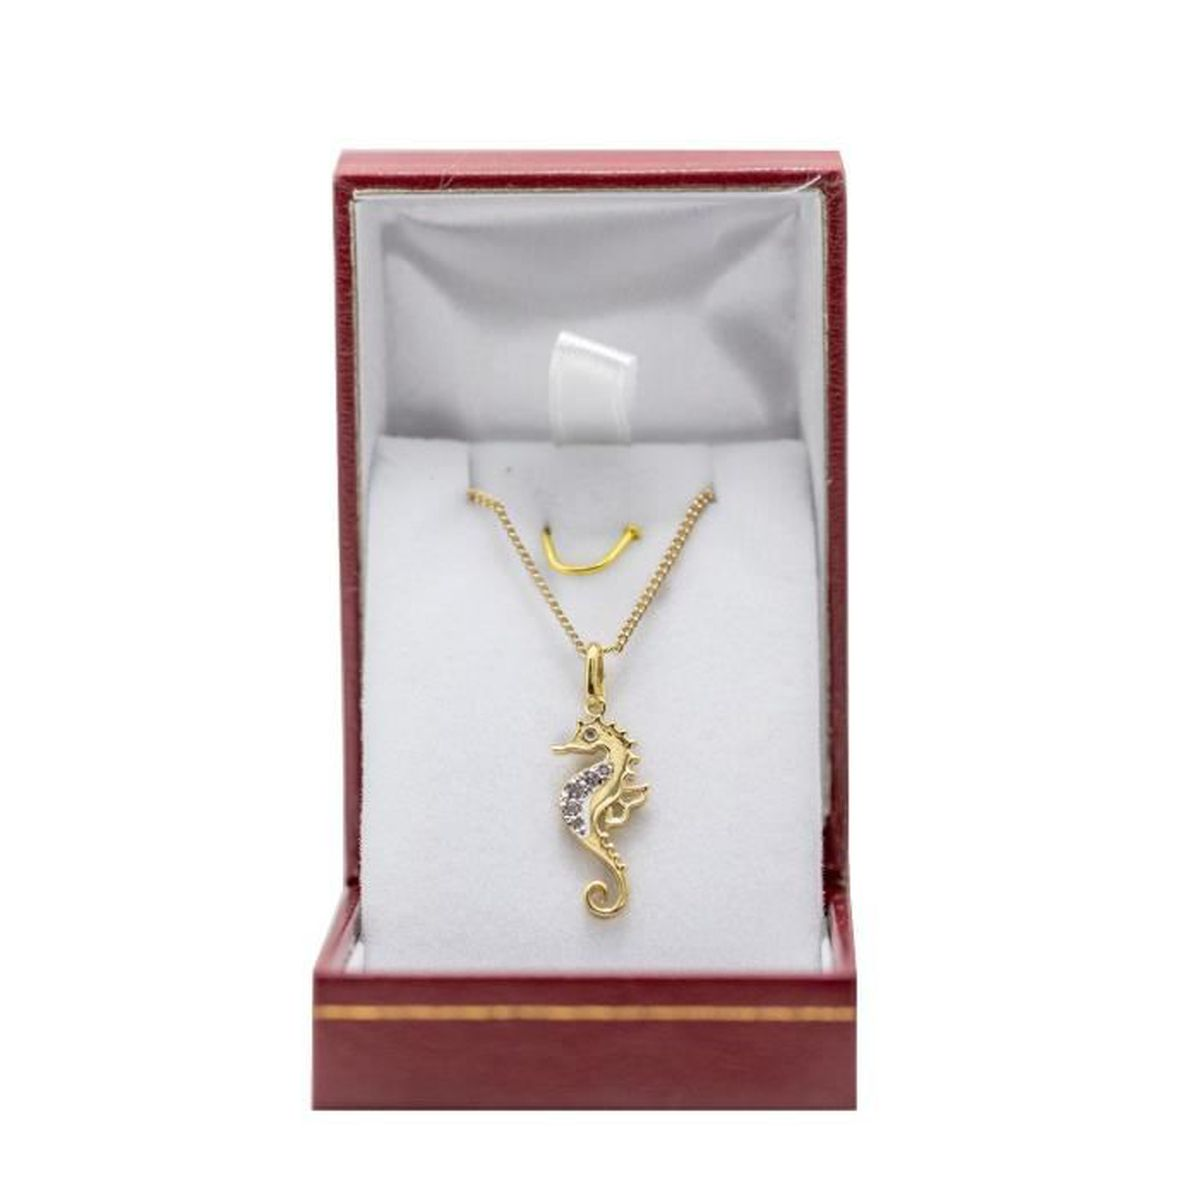 Pendentif en plaqué or hippocampe avec chaine en plaqué or